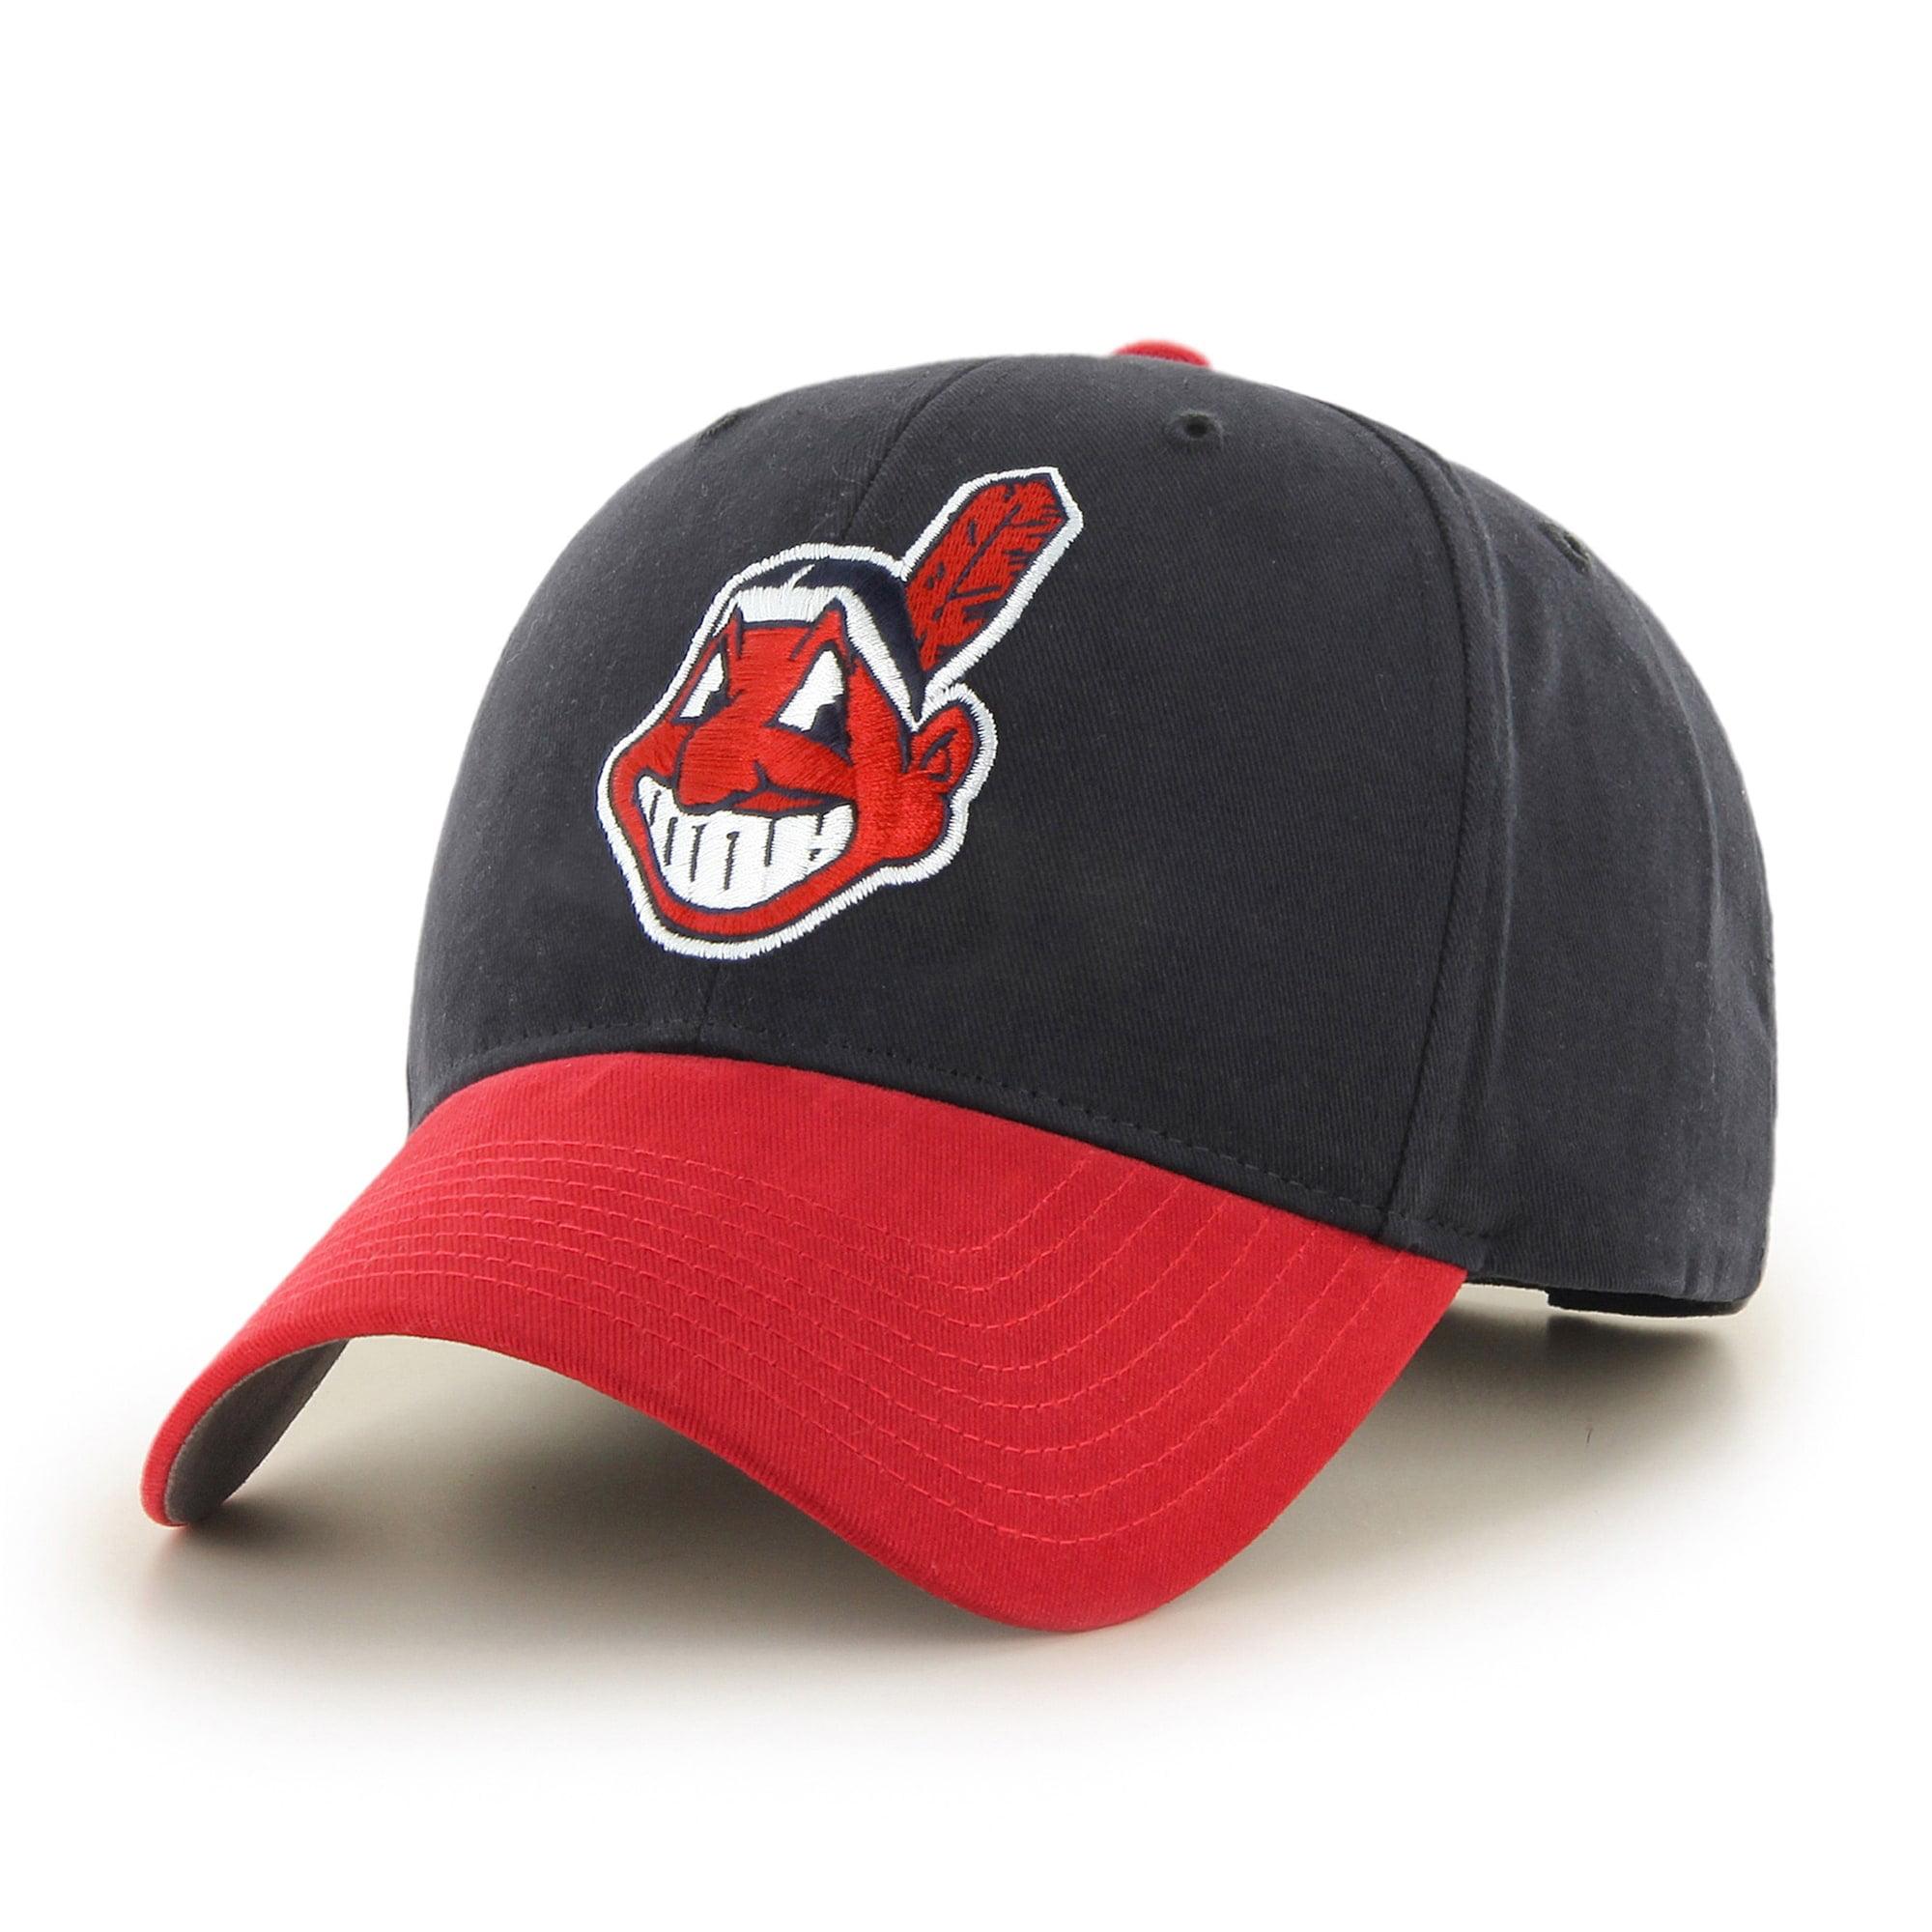 0296103fffd03 Cleveland Indians Team Shop - Walmart.com